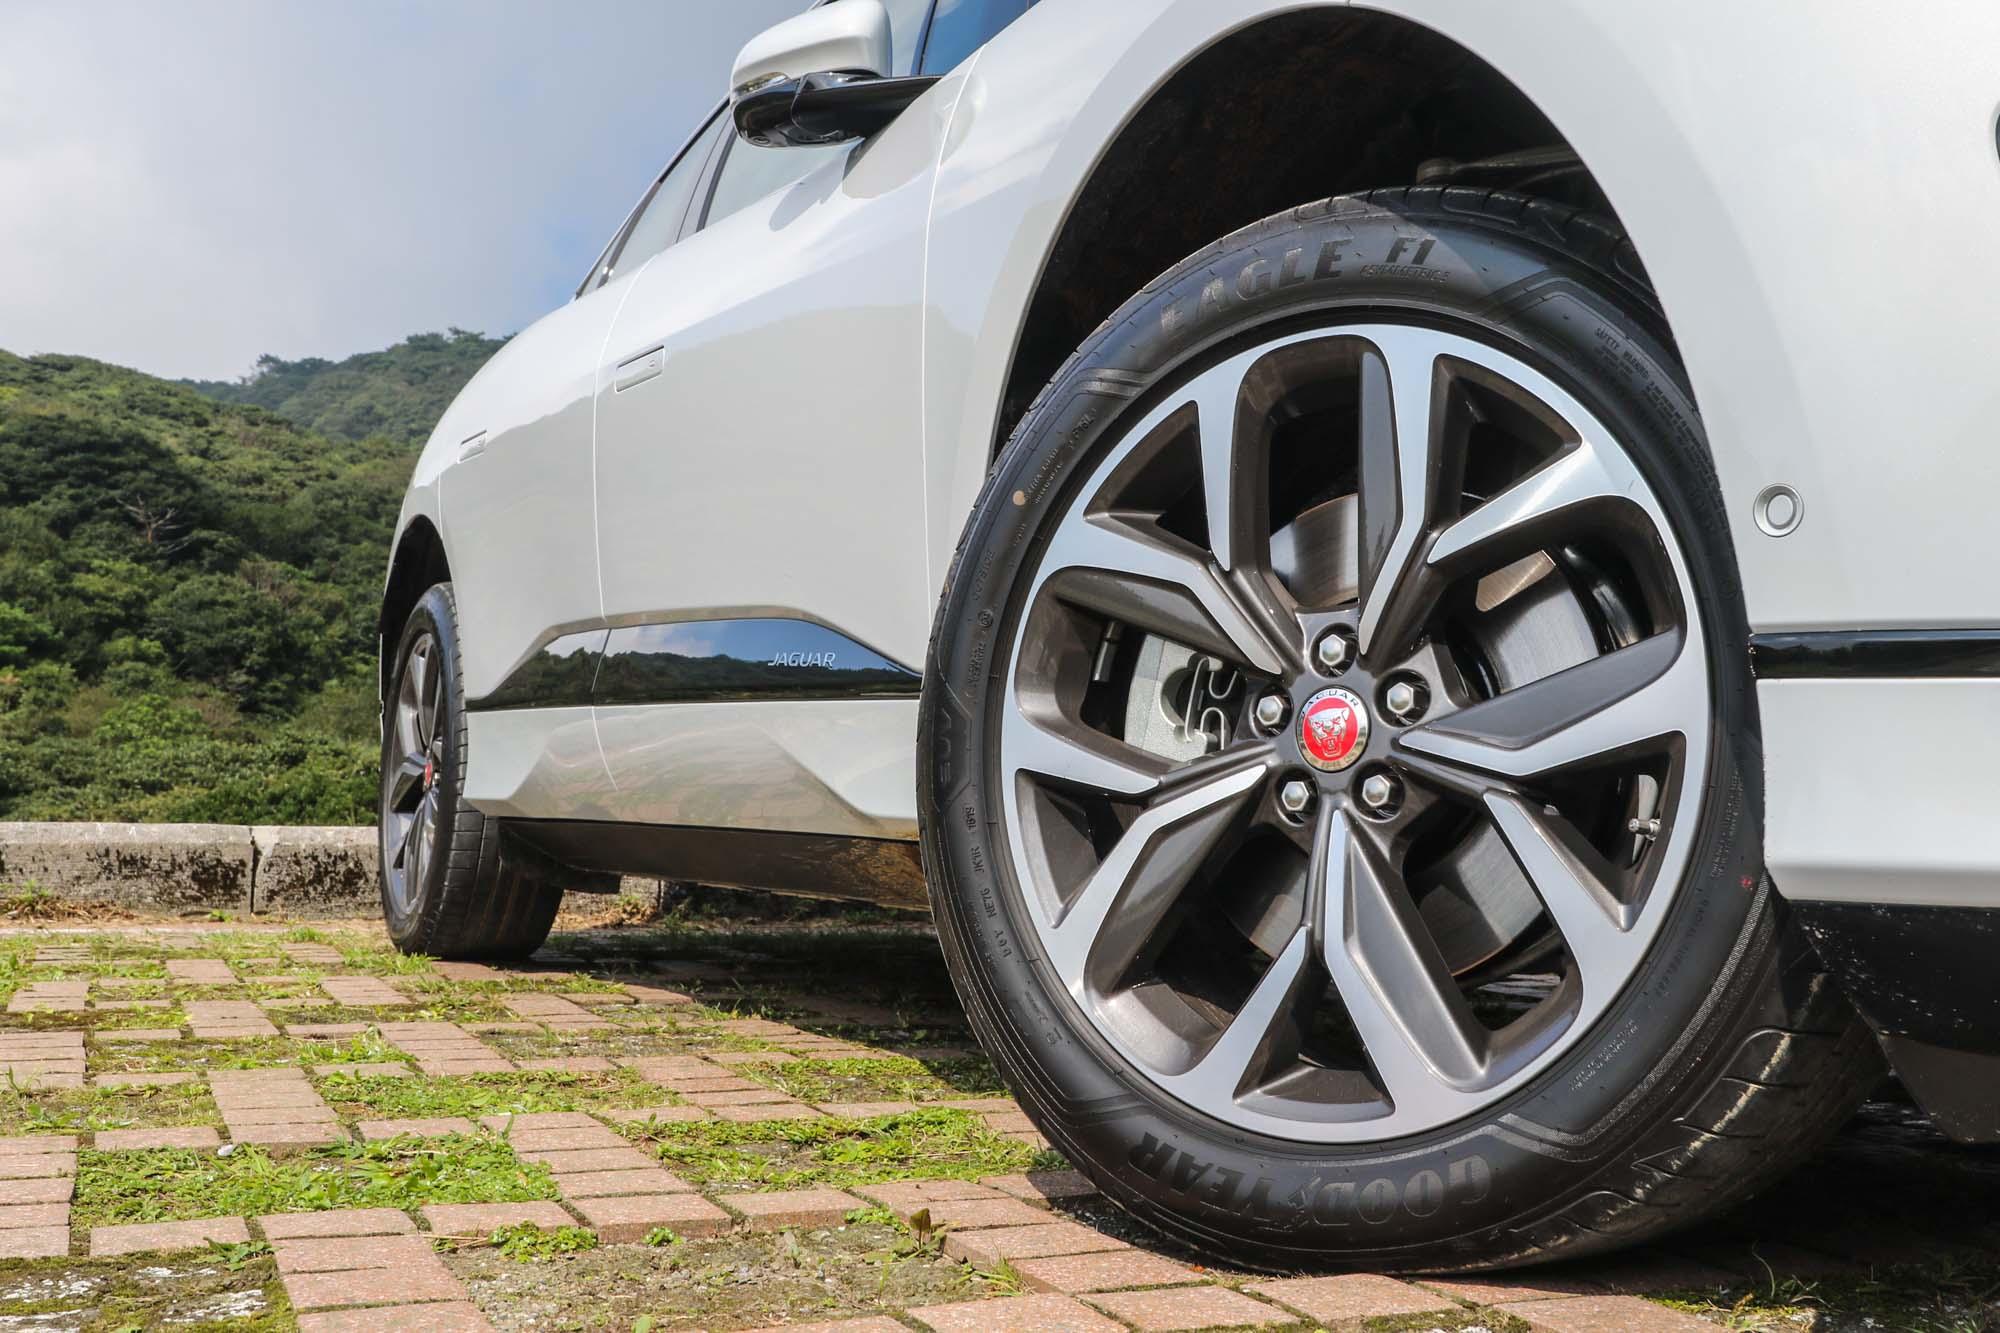 極具張力的輪圈造型搭配 20 吋尺碼,與動感的車身線條完美匹配。